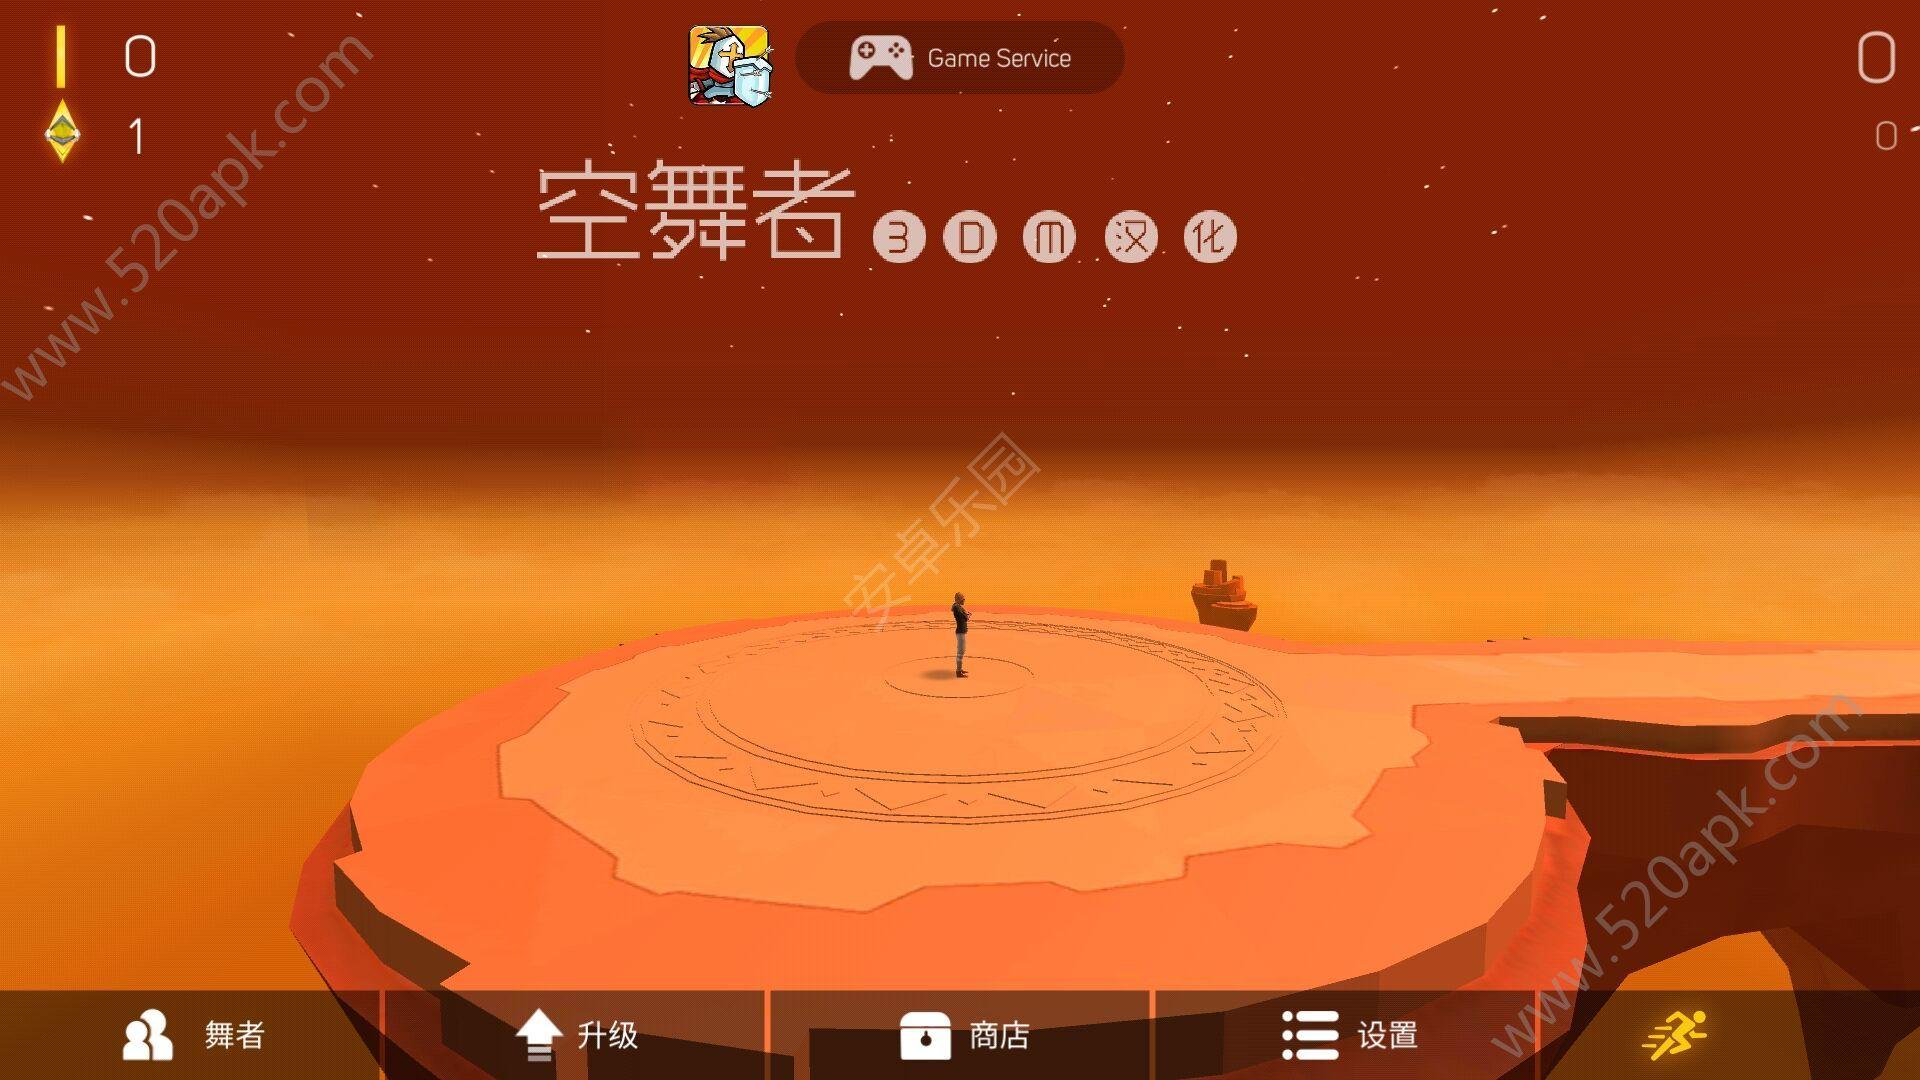 空中舞者3.4.2最新版无限金币内购修改版(Sky Dancer)图1: